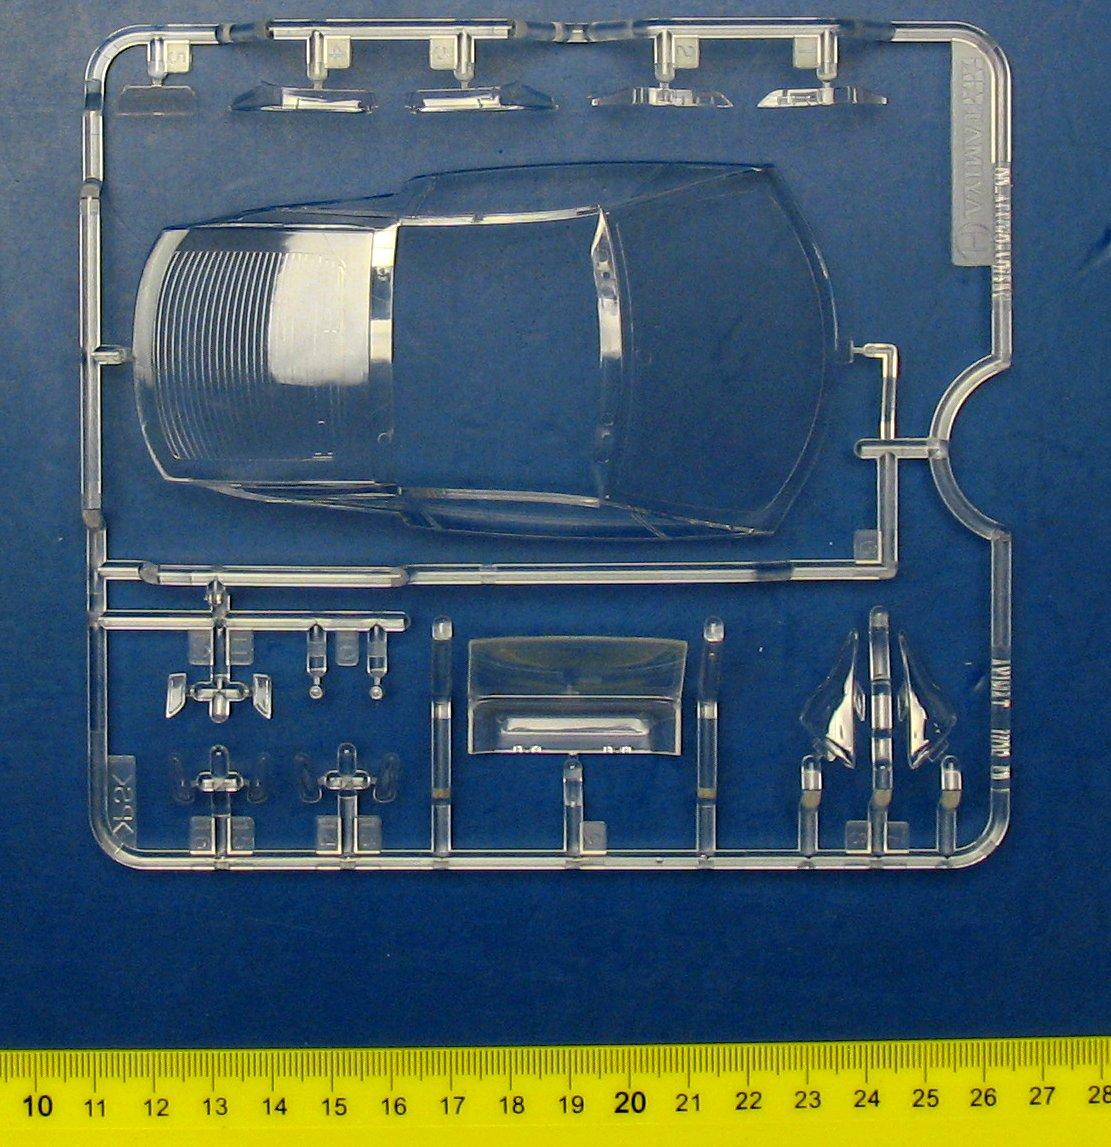 Lexus Lfa Full View Tamiya 24325 Wiring Diagram 1 Tam24325 11